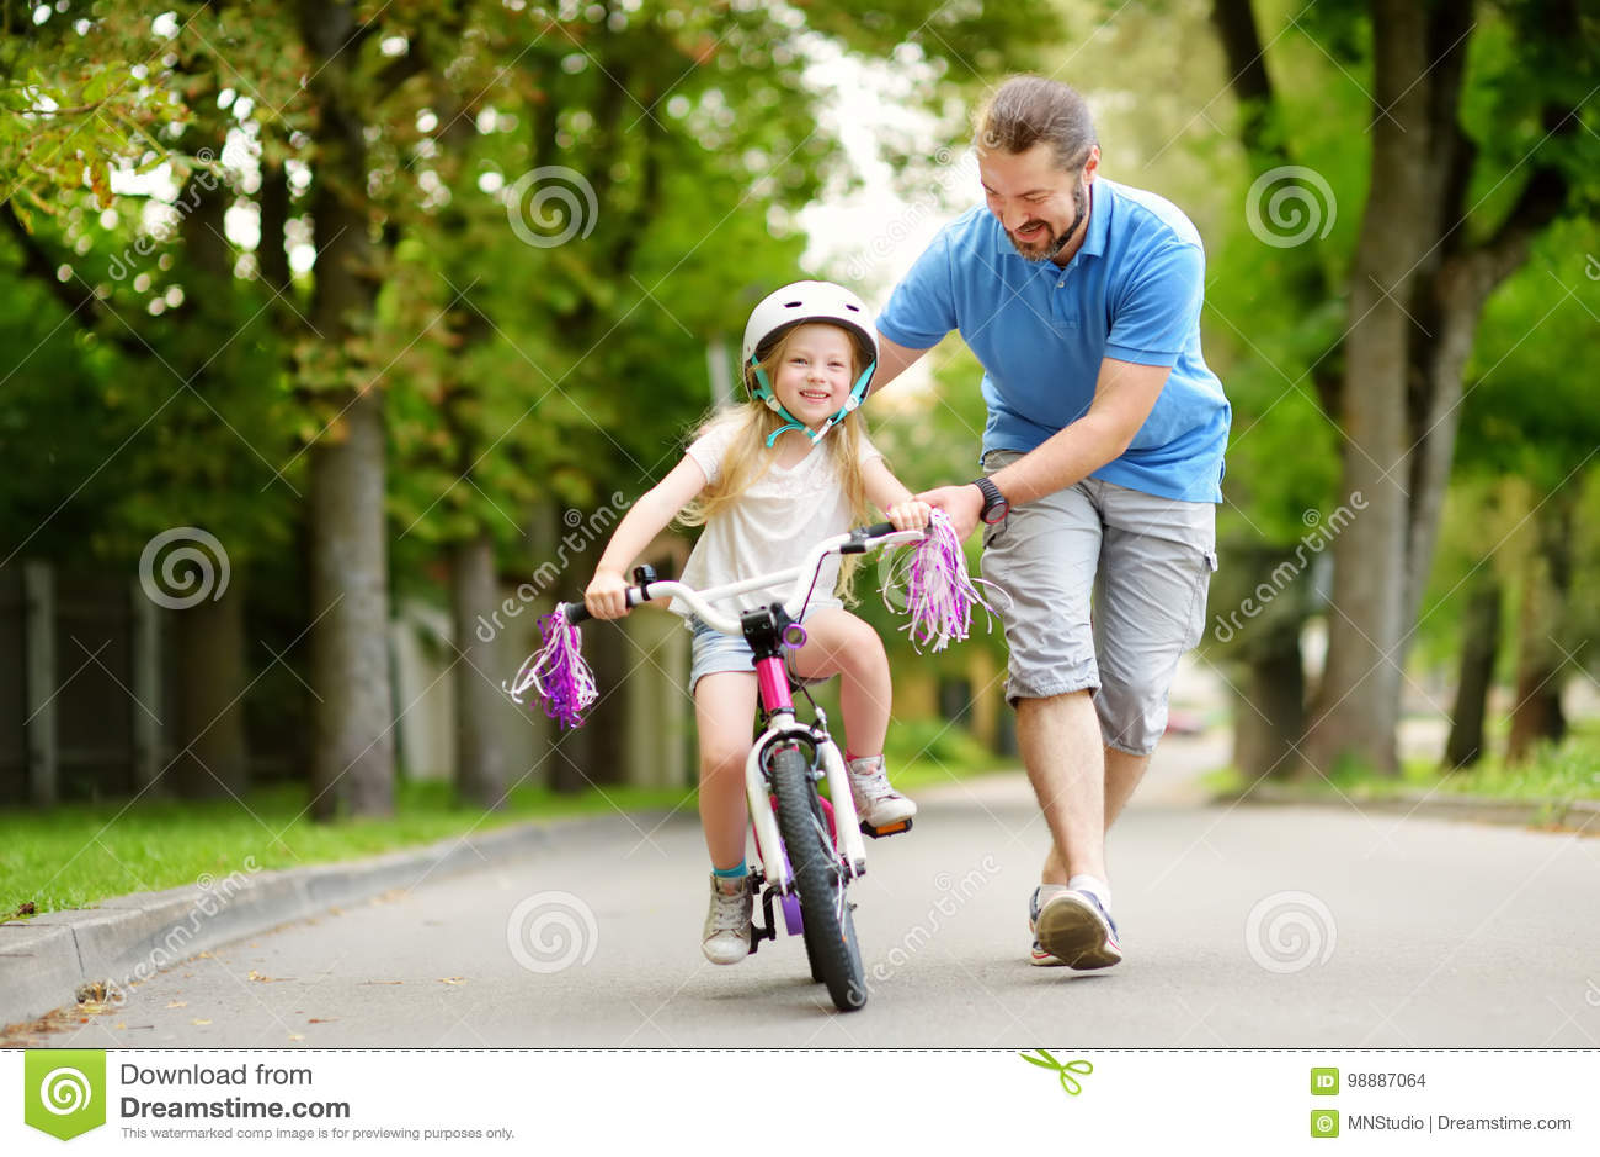 Père heureux enseignant sa petite fille à monter une bicyclette Enfant apprenant à monter un vélo